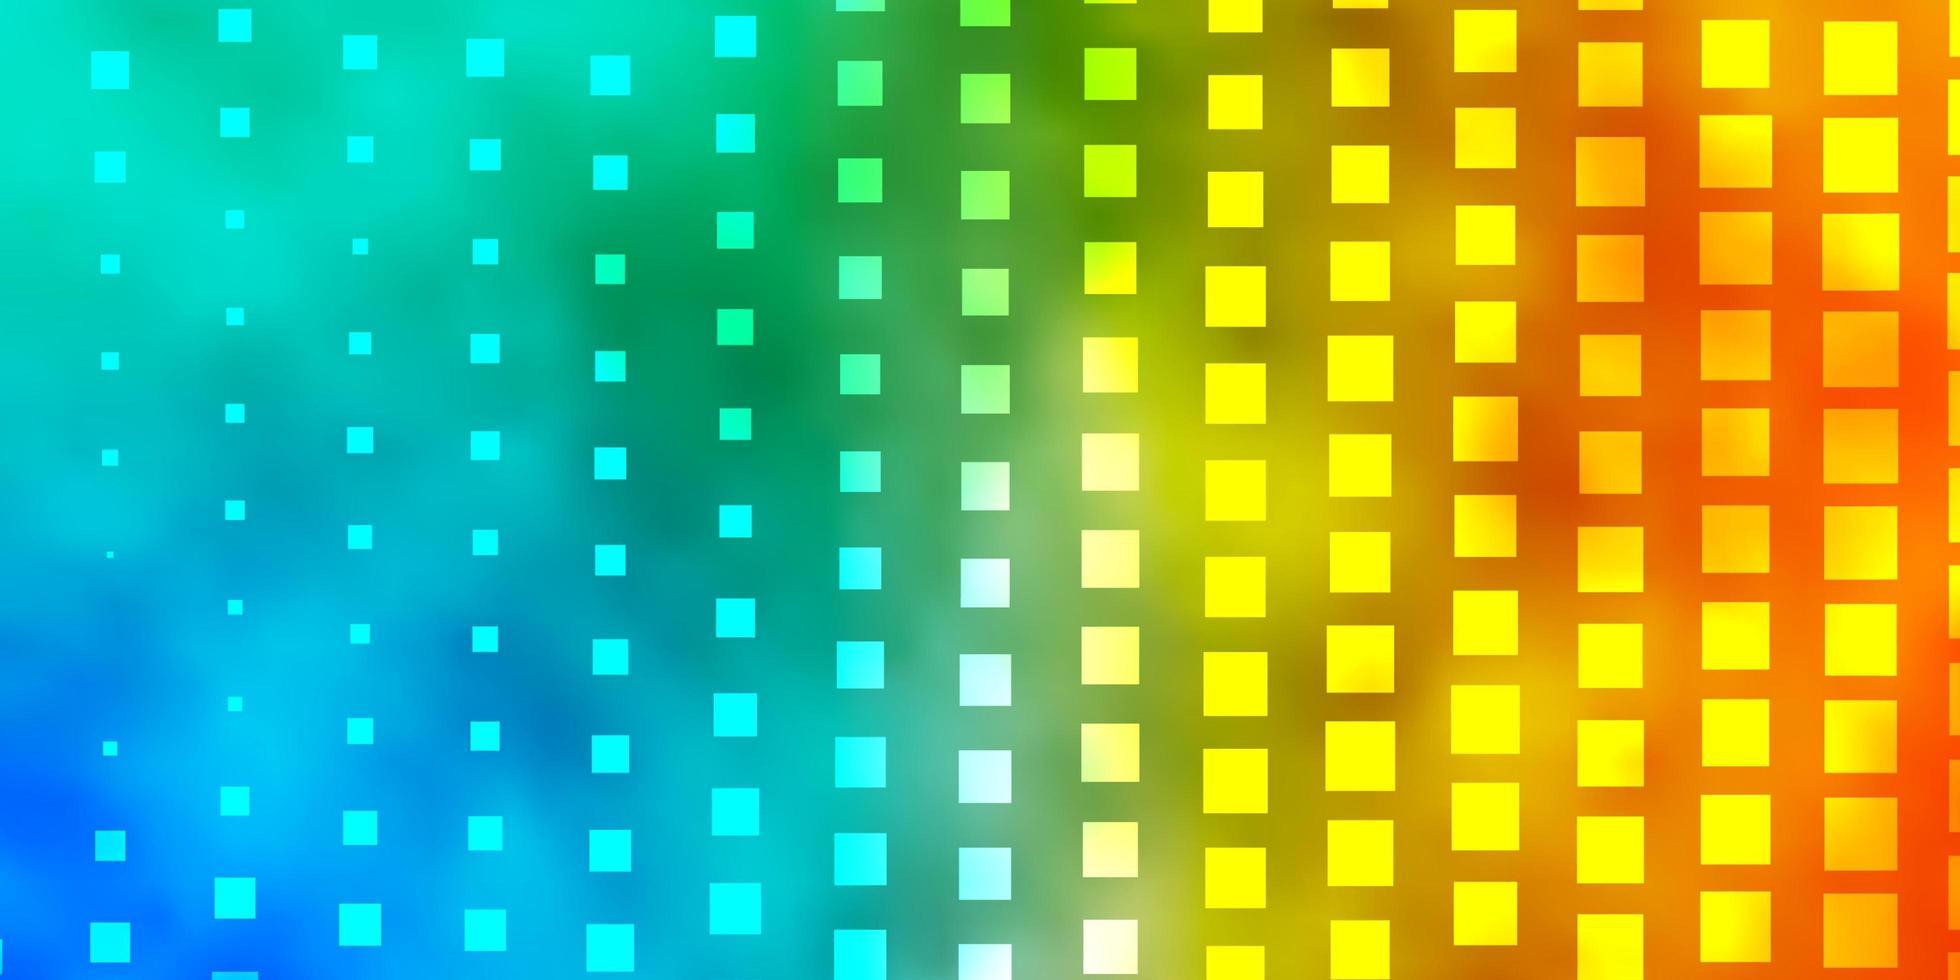 ljusblå, gul bakgrund med rektanglar vektor